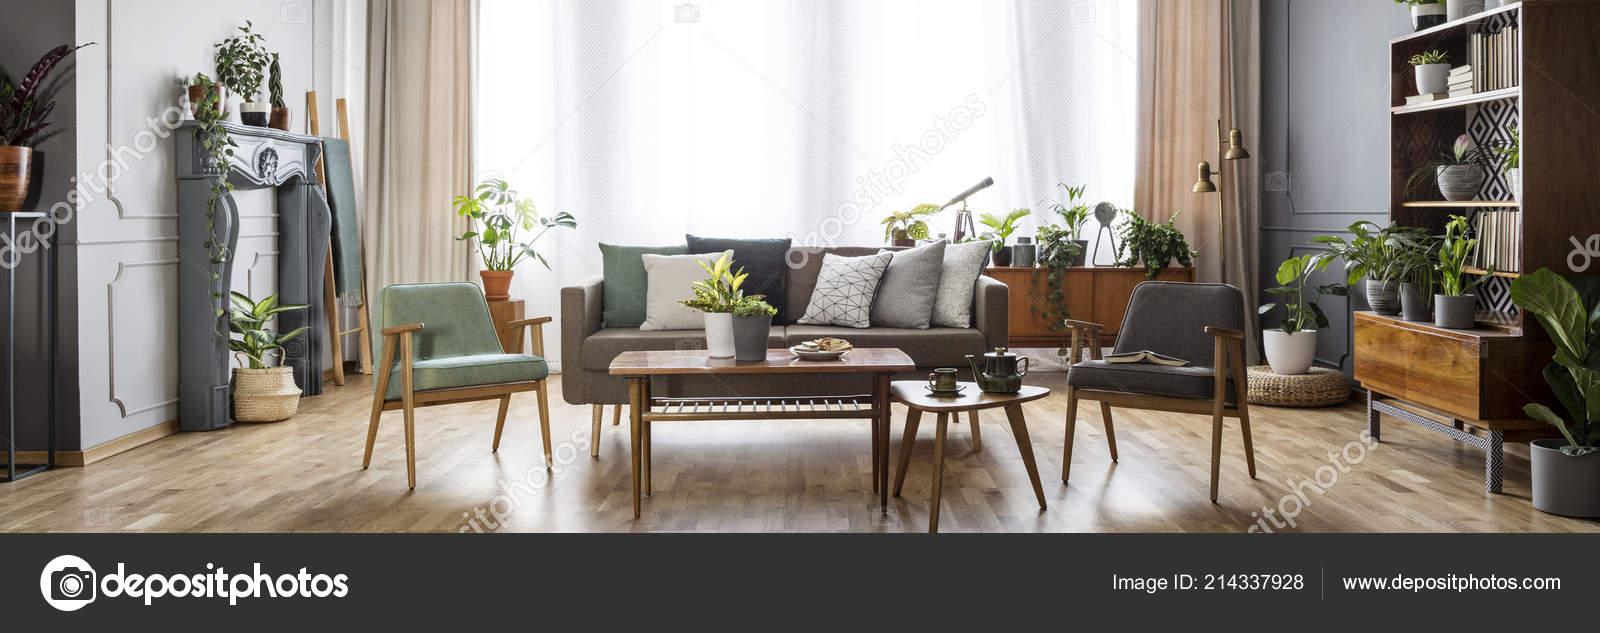 vintage stijl woonkamer interieur met ramen met gordijnen grijze mint stockfoto